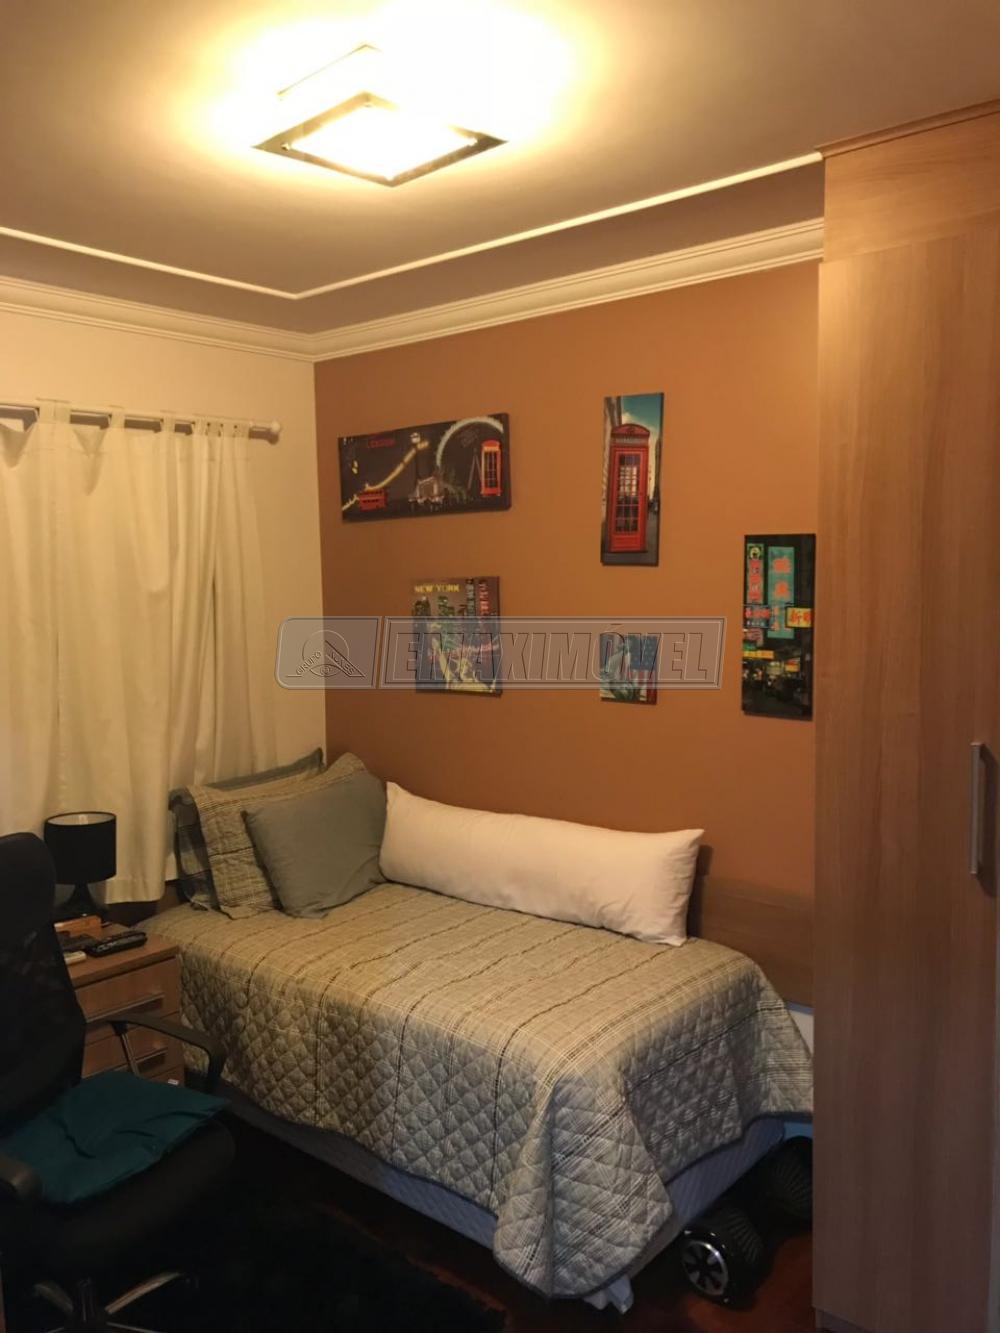 Comprar Apartamentos / Apto Padrão em Sorocaba apenas R$ 600.000,00 - Foto 14